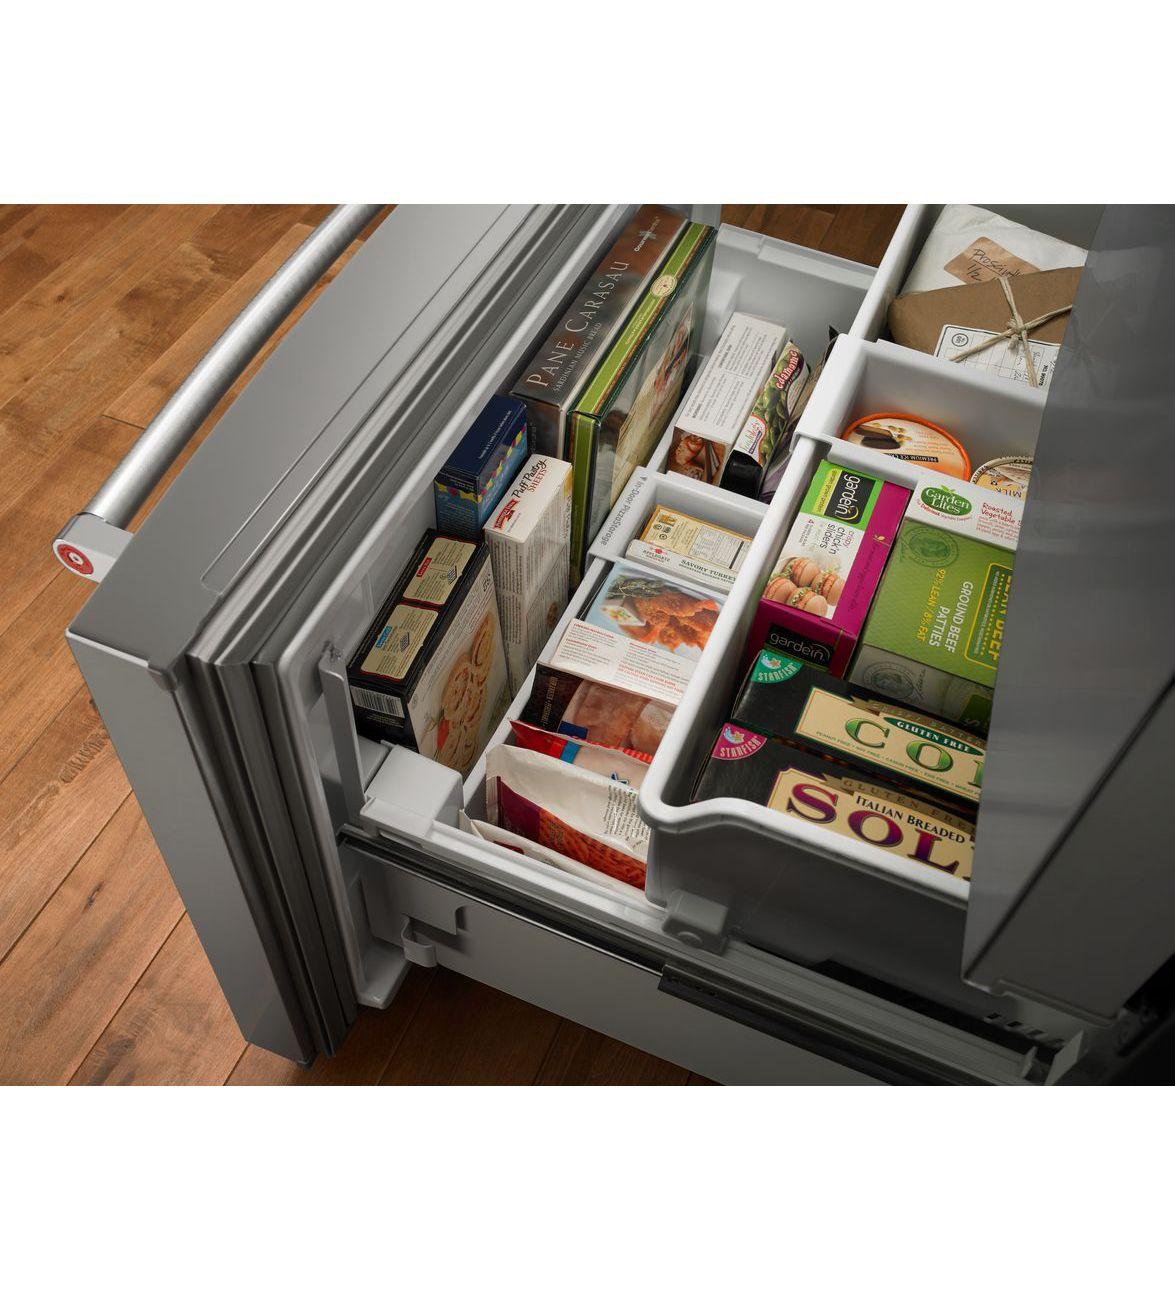 Réfrigérateur 26.8 pi cu avec eau externe